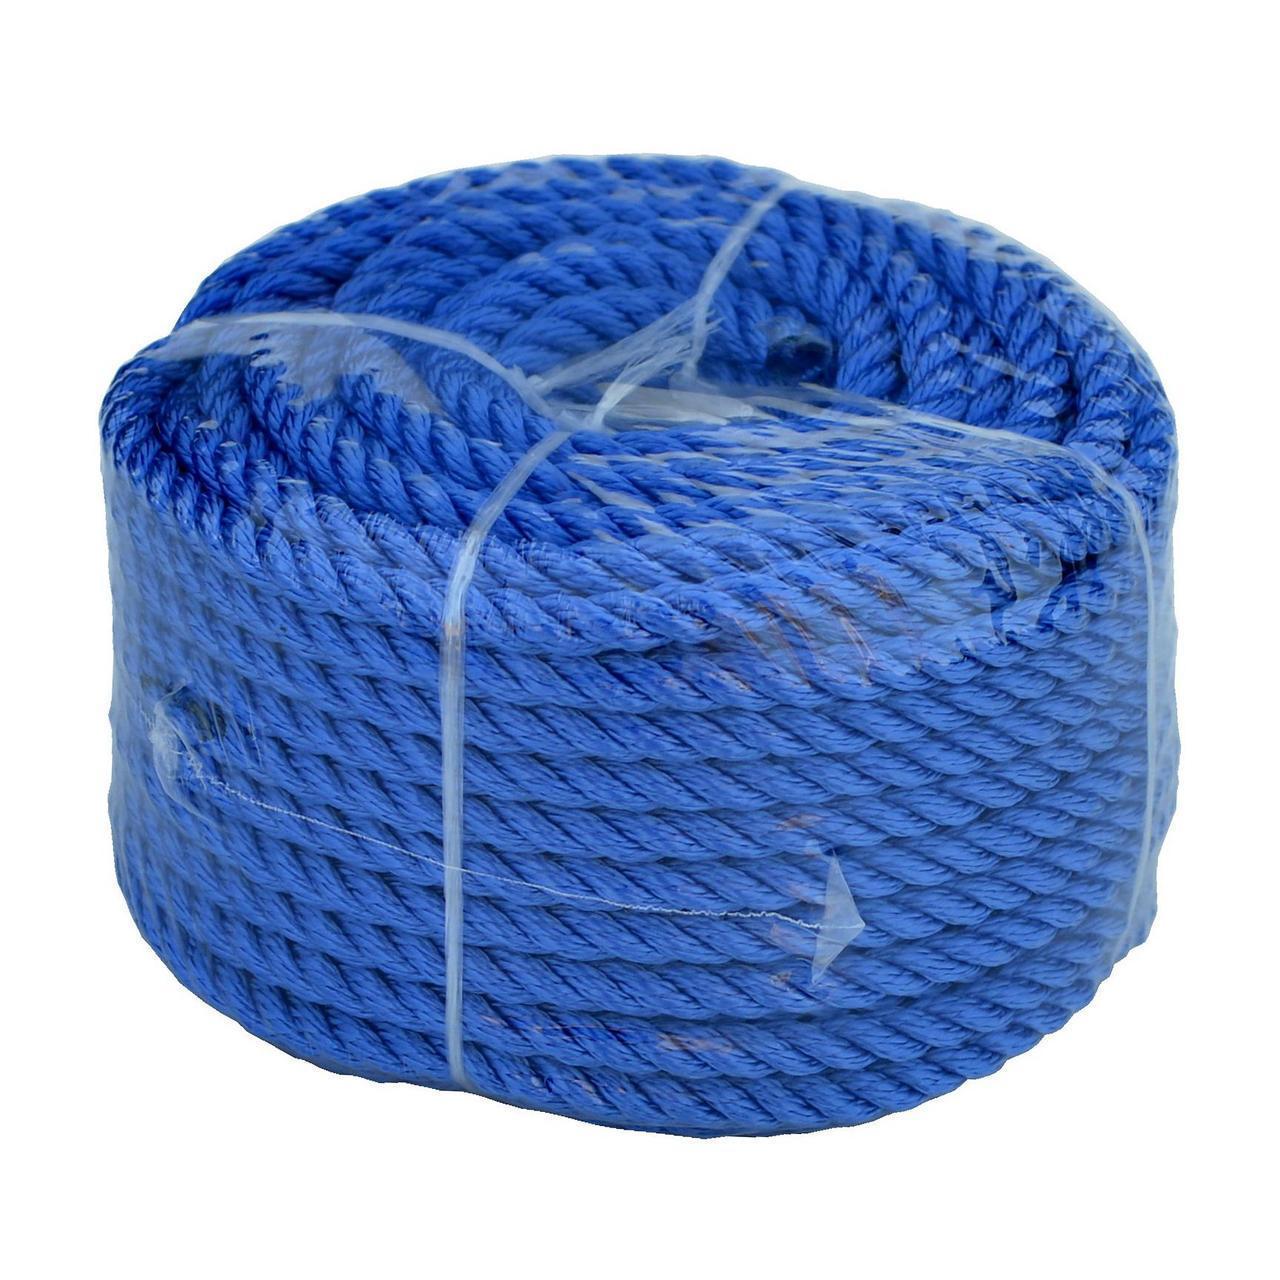 Веревка 30м 10мм синяя, полиэстер, универсальная twisted rope 10х30 b